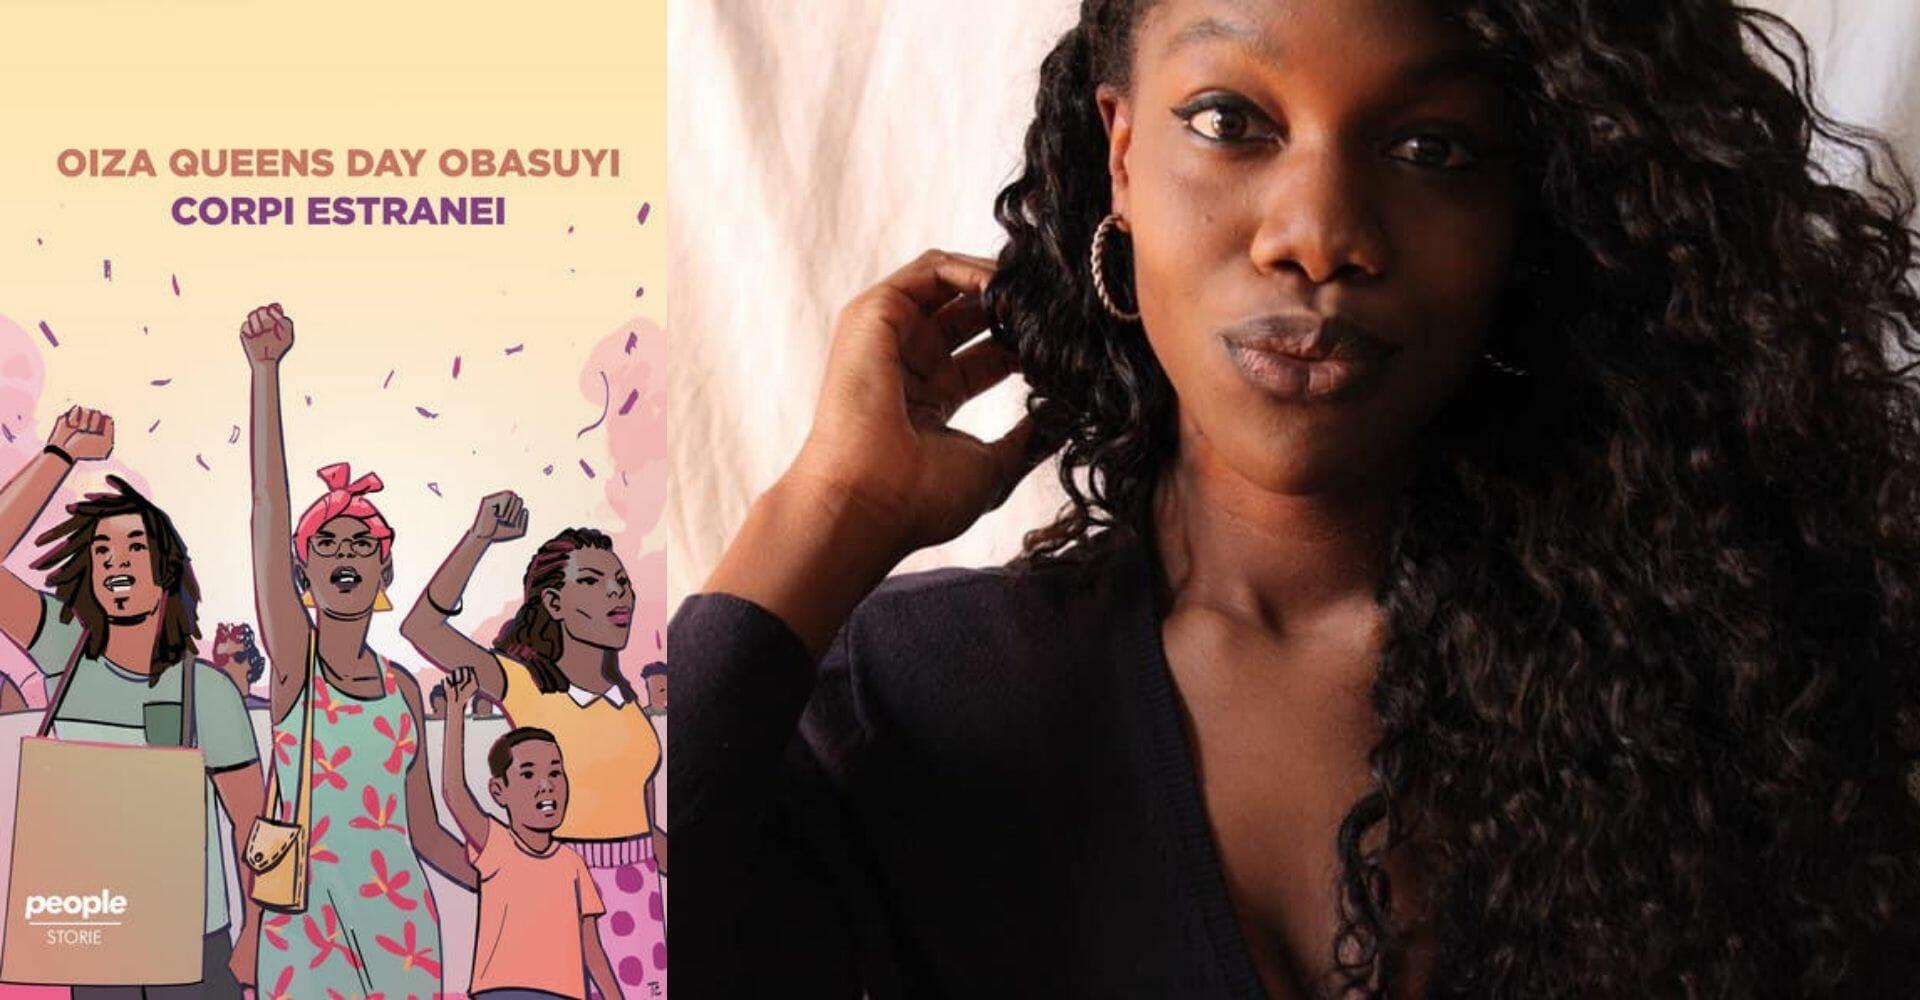 """""""Corpi estranei"""": un capitolo dal saggio sul razzismo di Oiza Queens Day Obasuyi"""